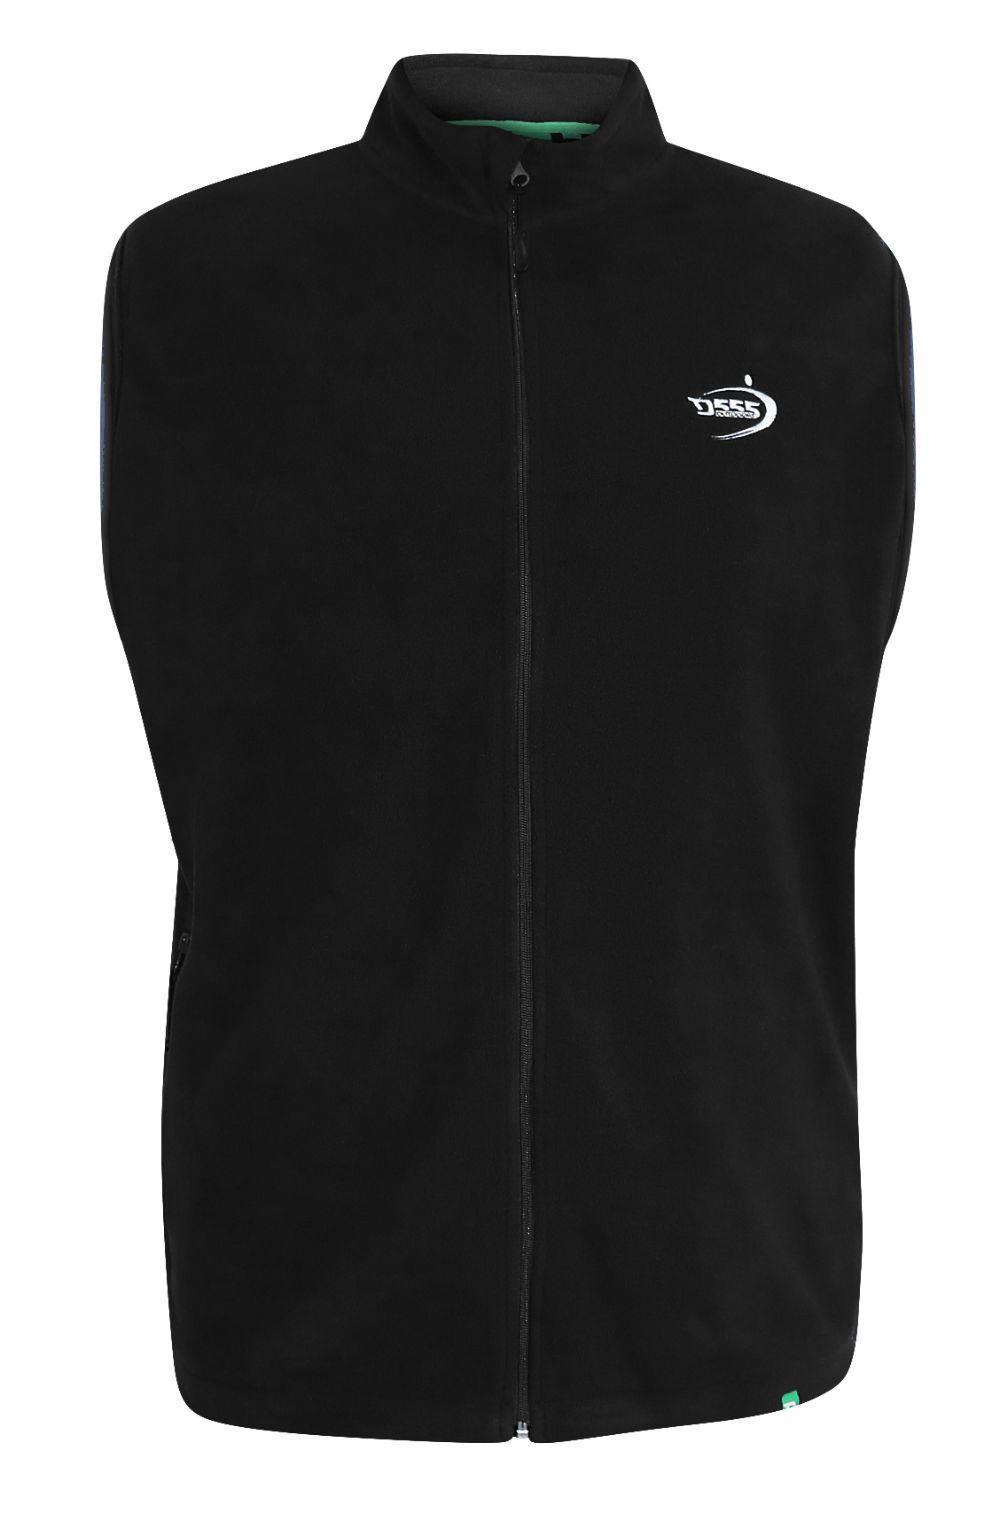 D555 Benjamin Full Zipper Antipeel Fleece Gilet Black